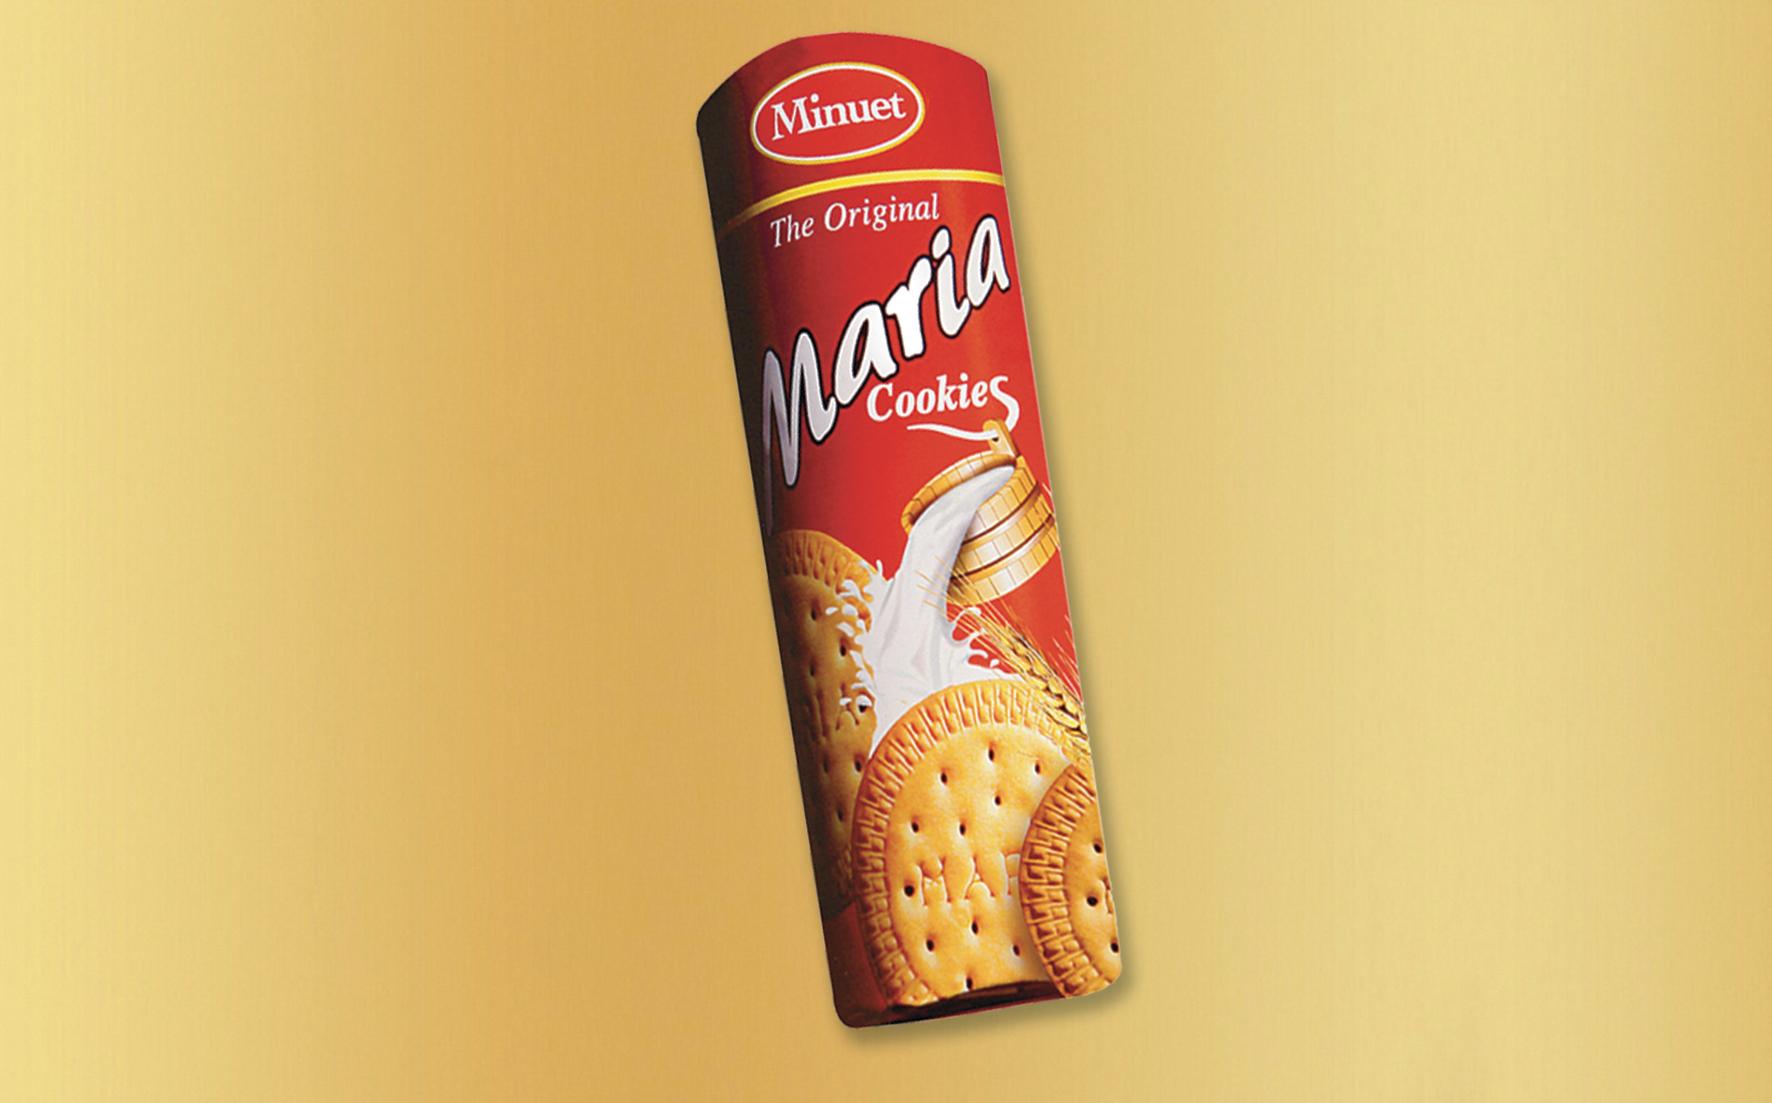 Minuet Cookies